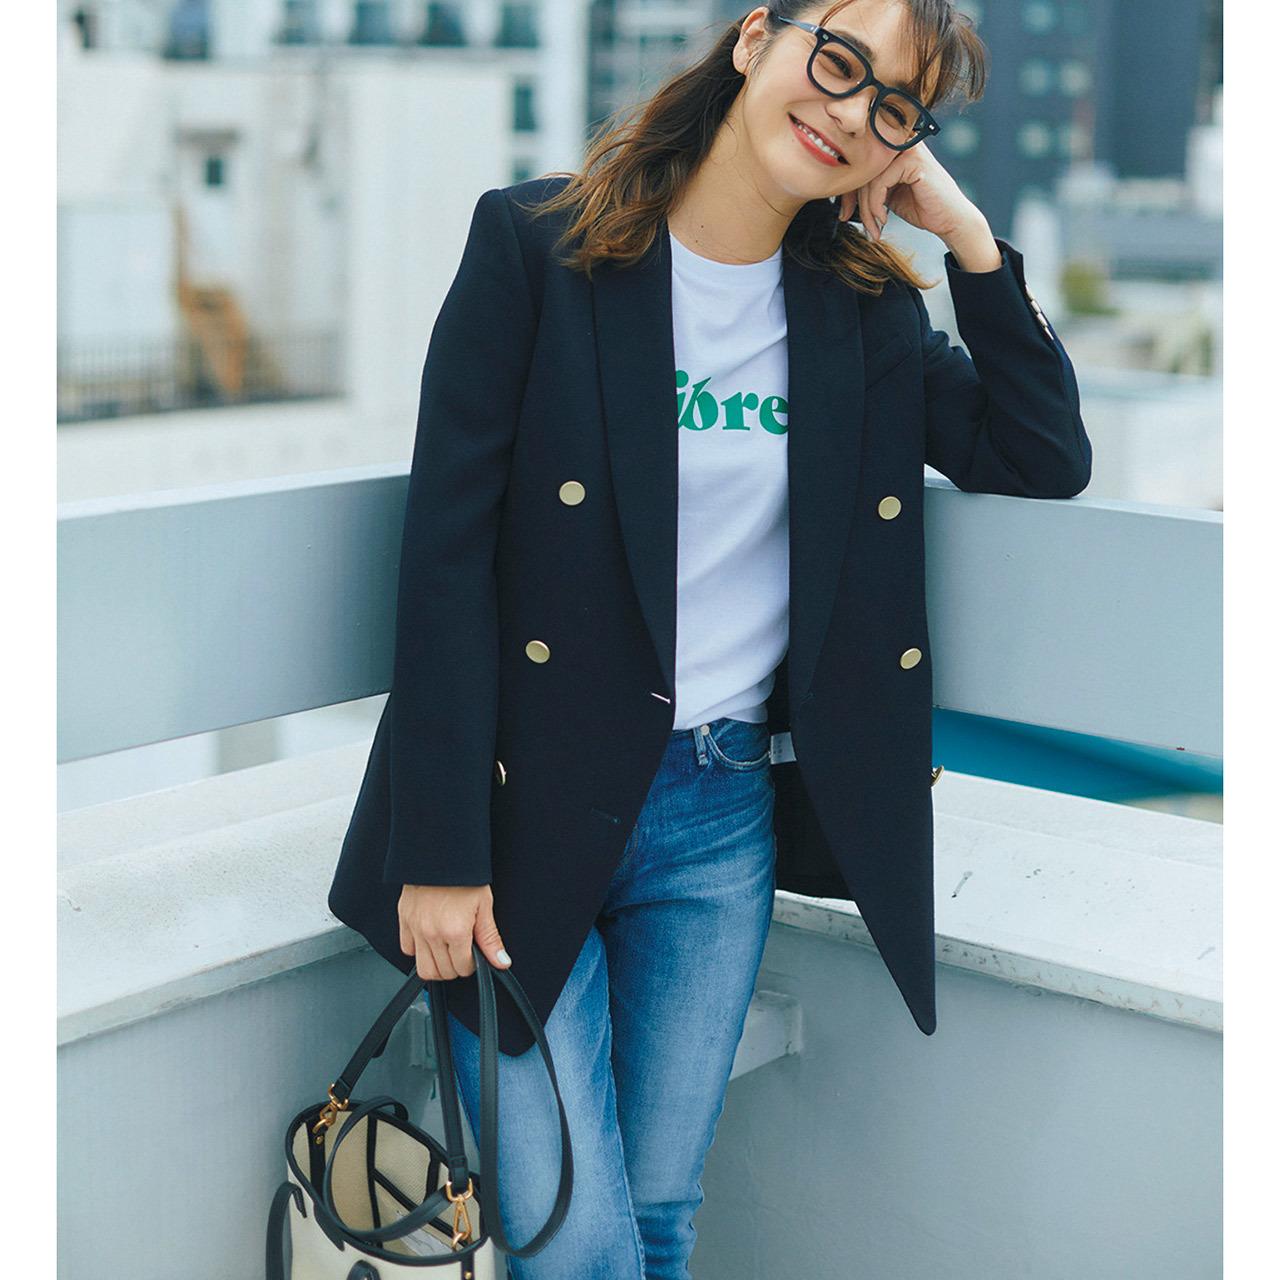 ロゴTシャツ×ジャケット×デニムパンツコーデを着たモデルの竹下玲奈さん